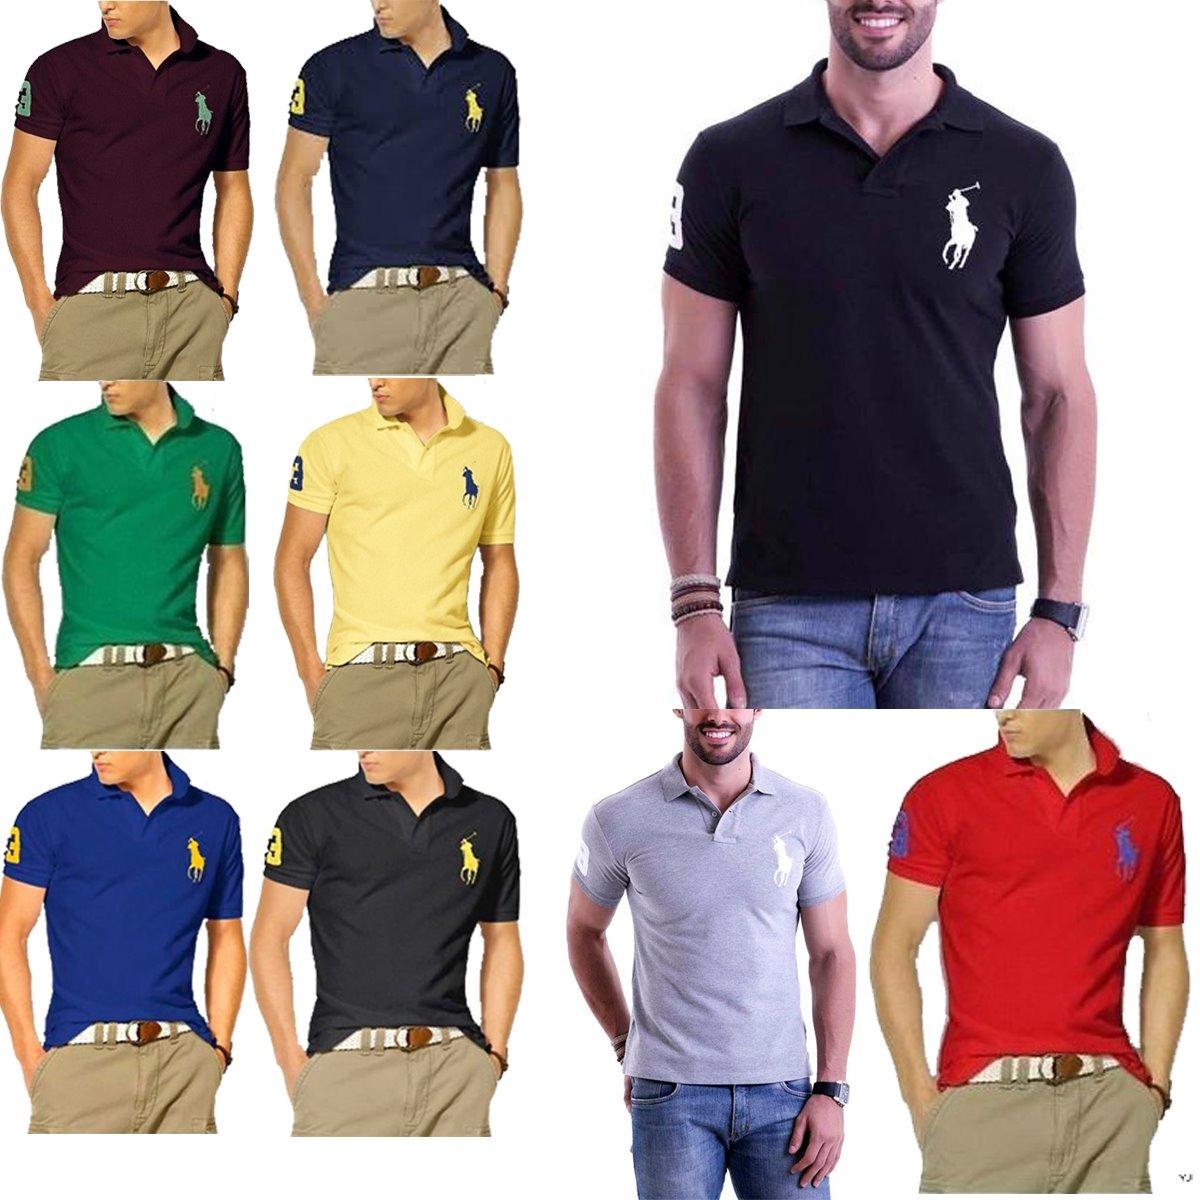 kit 3 camisetas gola polo masculina grandes marcas atacado. Carregando zoom. 8b7a4465f4ad4